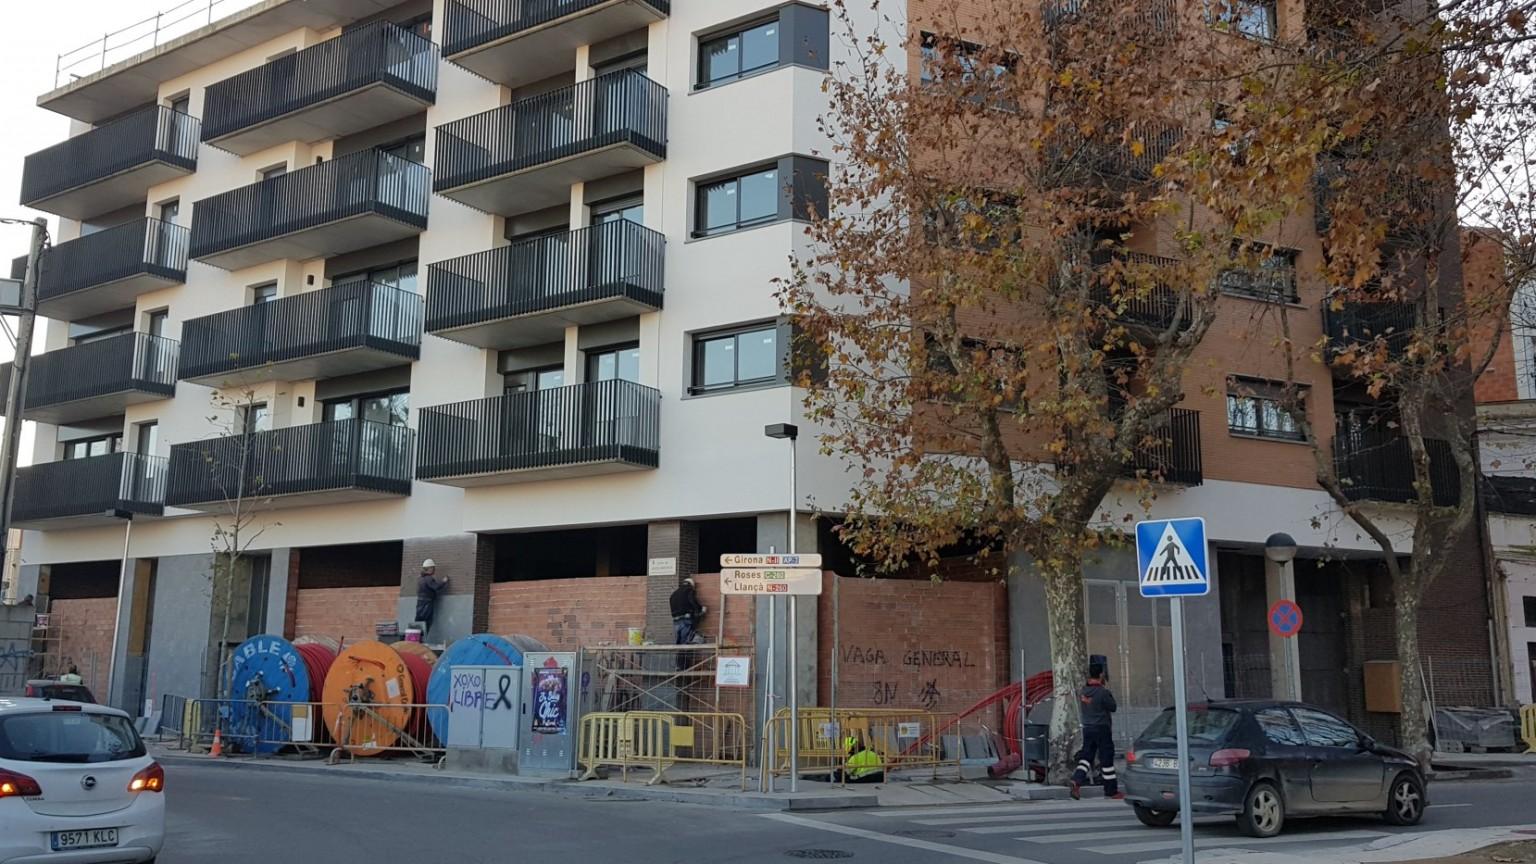 Local céntrico, situado en la Plaça de l'Estació, ideal para oficinas, tiendas. Sup.400m².